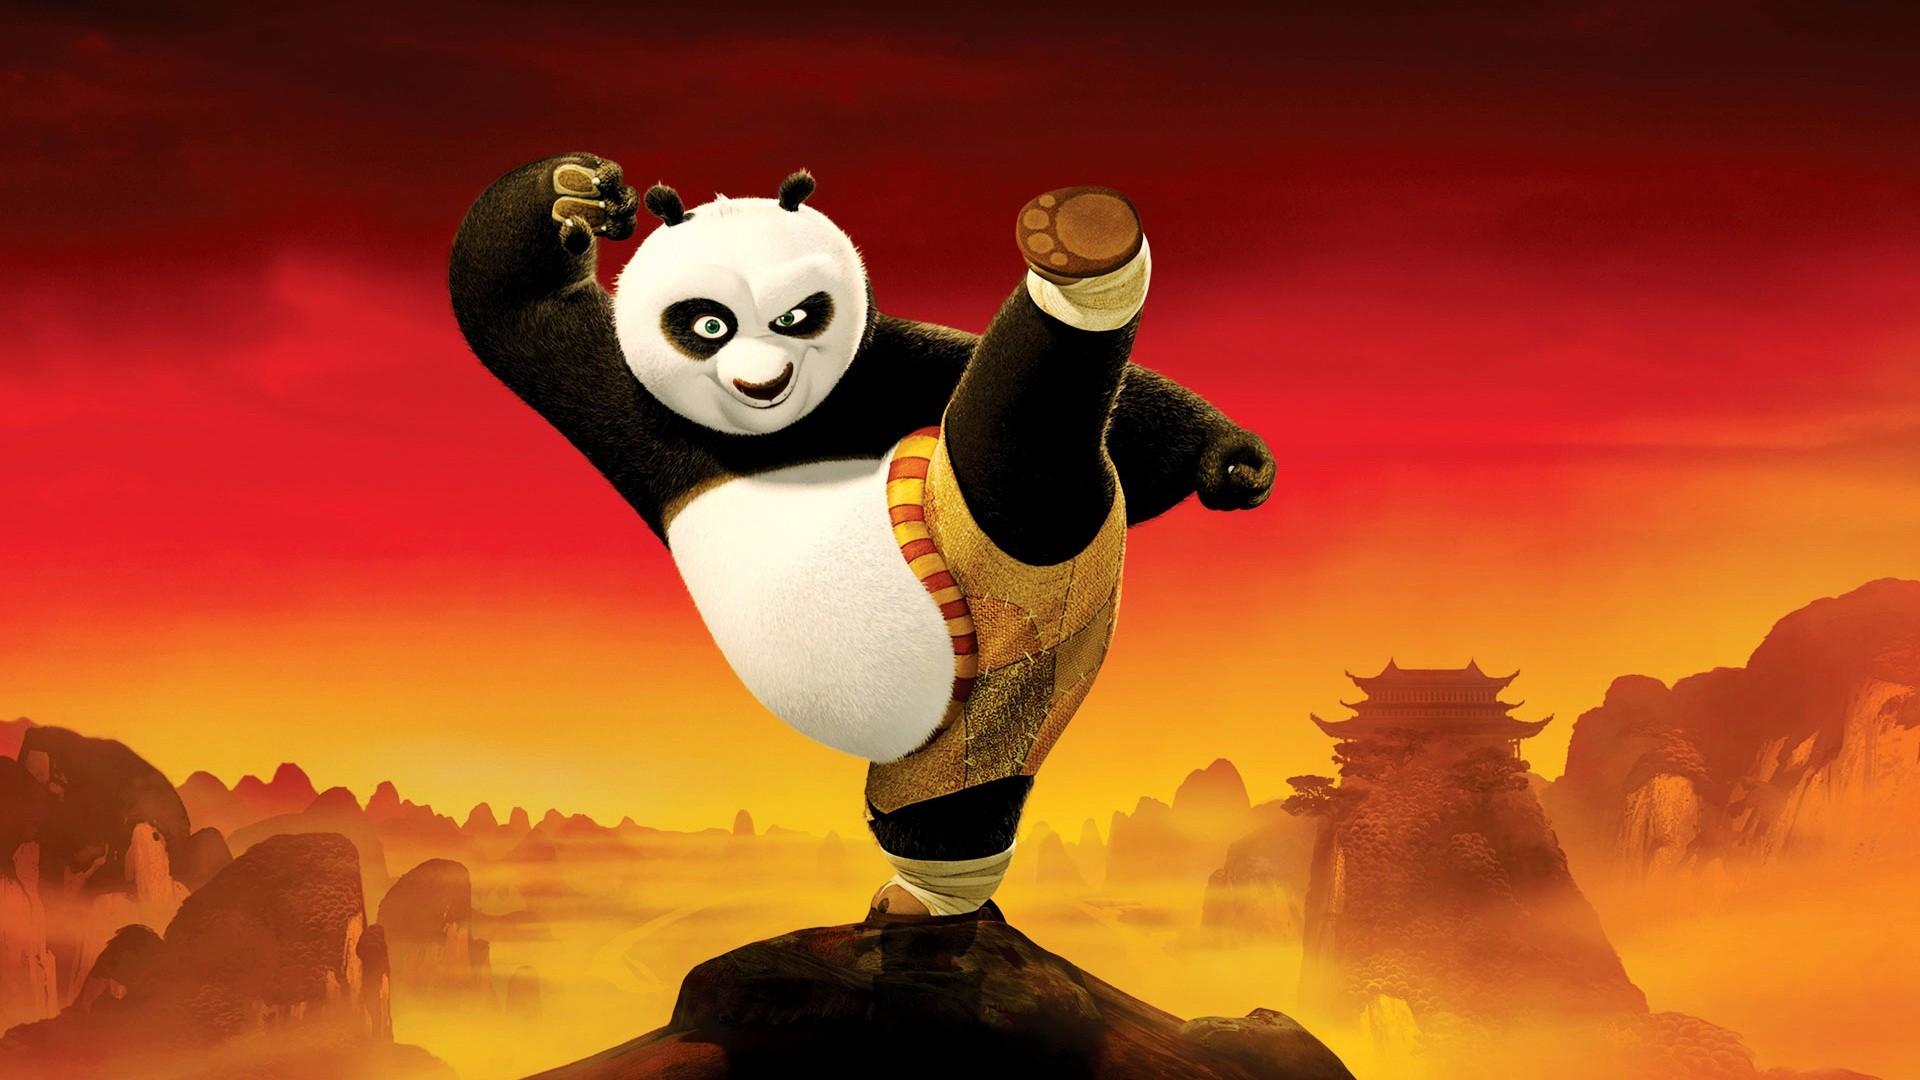 Cute Panda Iphone Wallpapers Kung Fu Panda 2 2011 Hd Wallpapers Hd Wallpapers Id